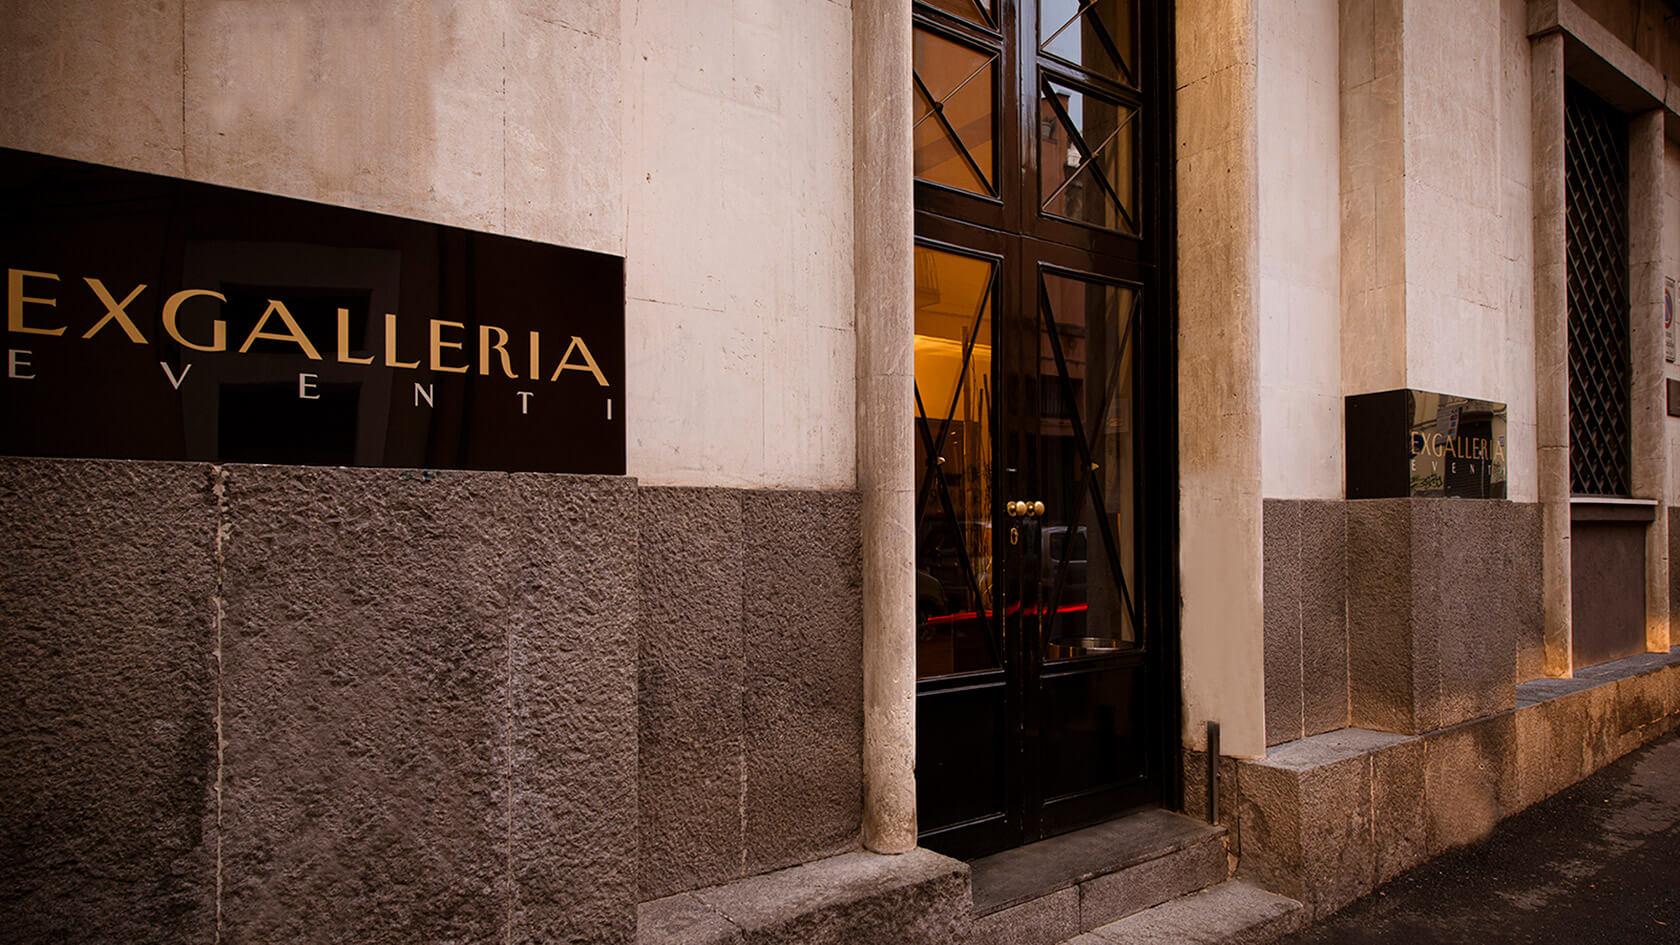 Exgalleria - Location per eventi e feste al centro di Catania